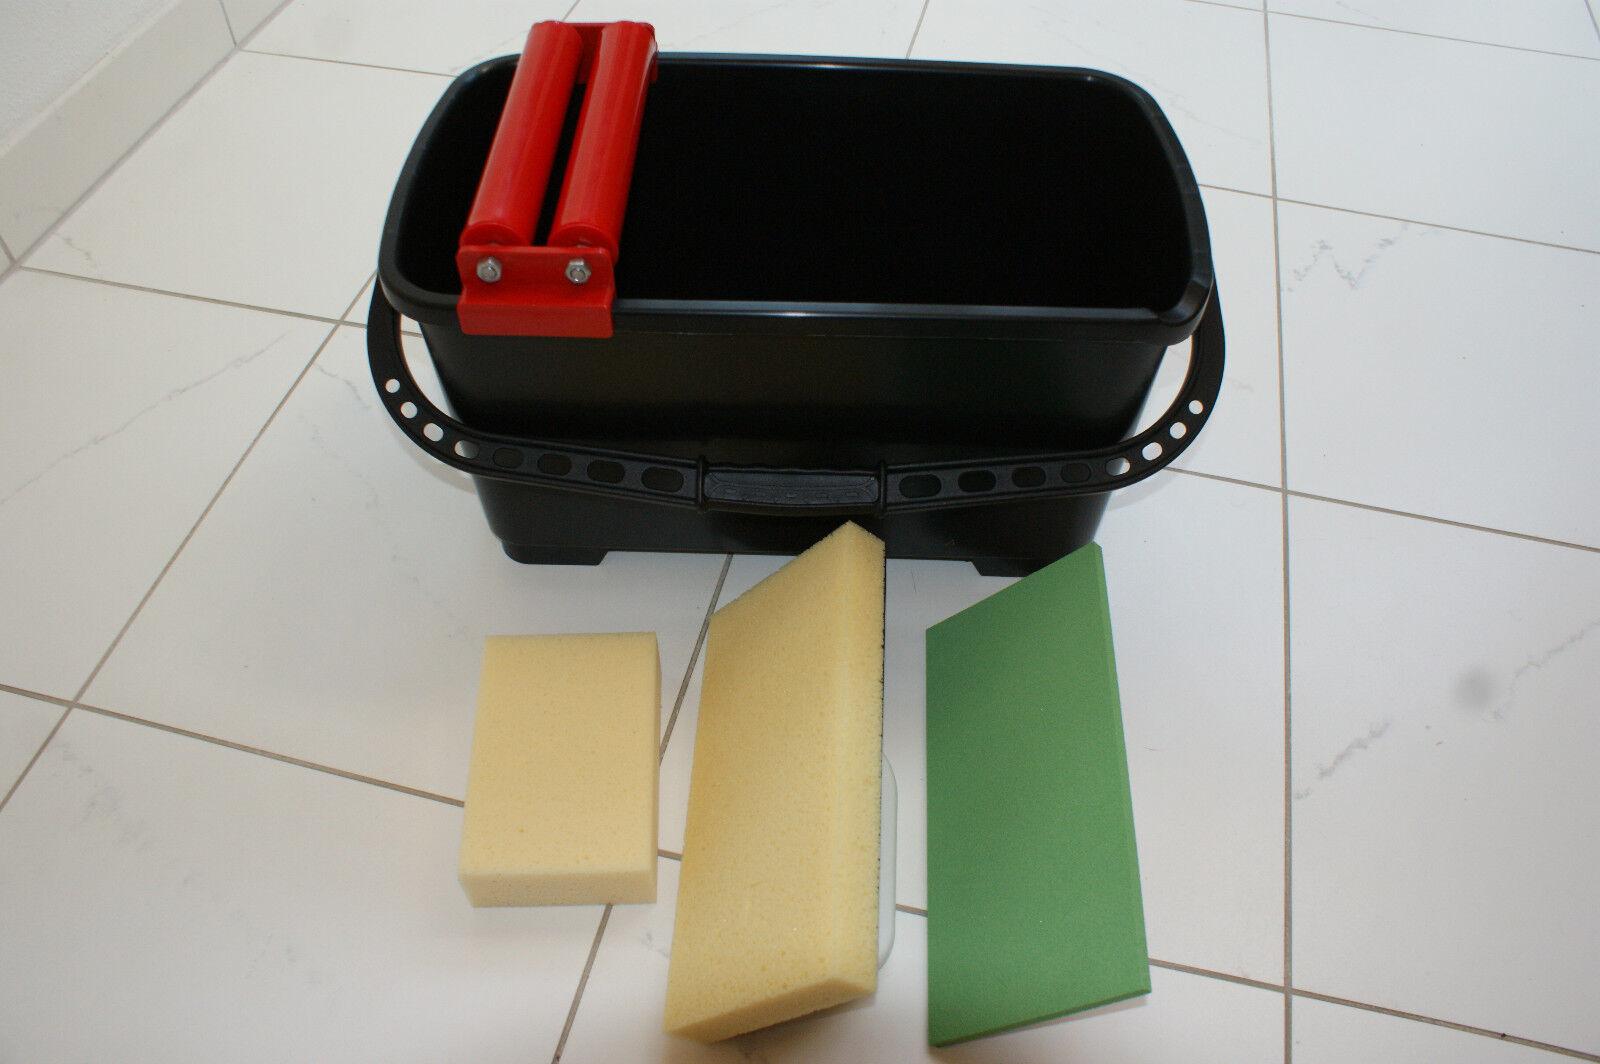 Waschbox  Raster-Schwammbrett  FugbrettSchwamm, Fliesen-Waschset 24 ltr Profi | Lassen Sie unsere Produkte in die Welt gehen  | Ausgang  | Spielzeugwelt, fröhlicher Ozean